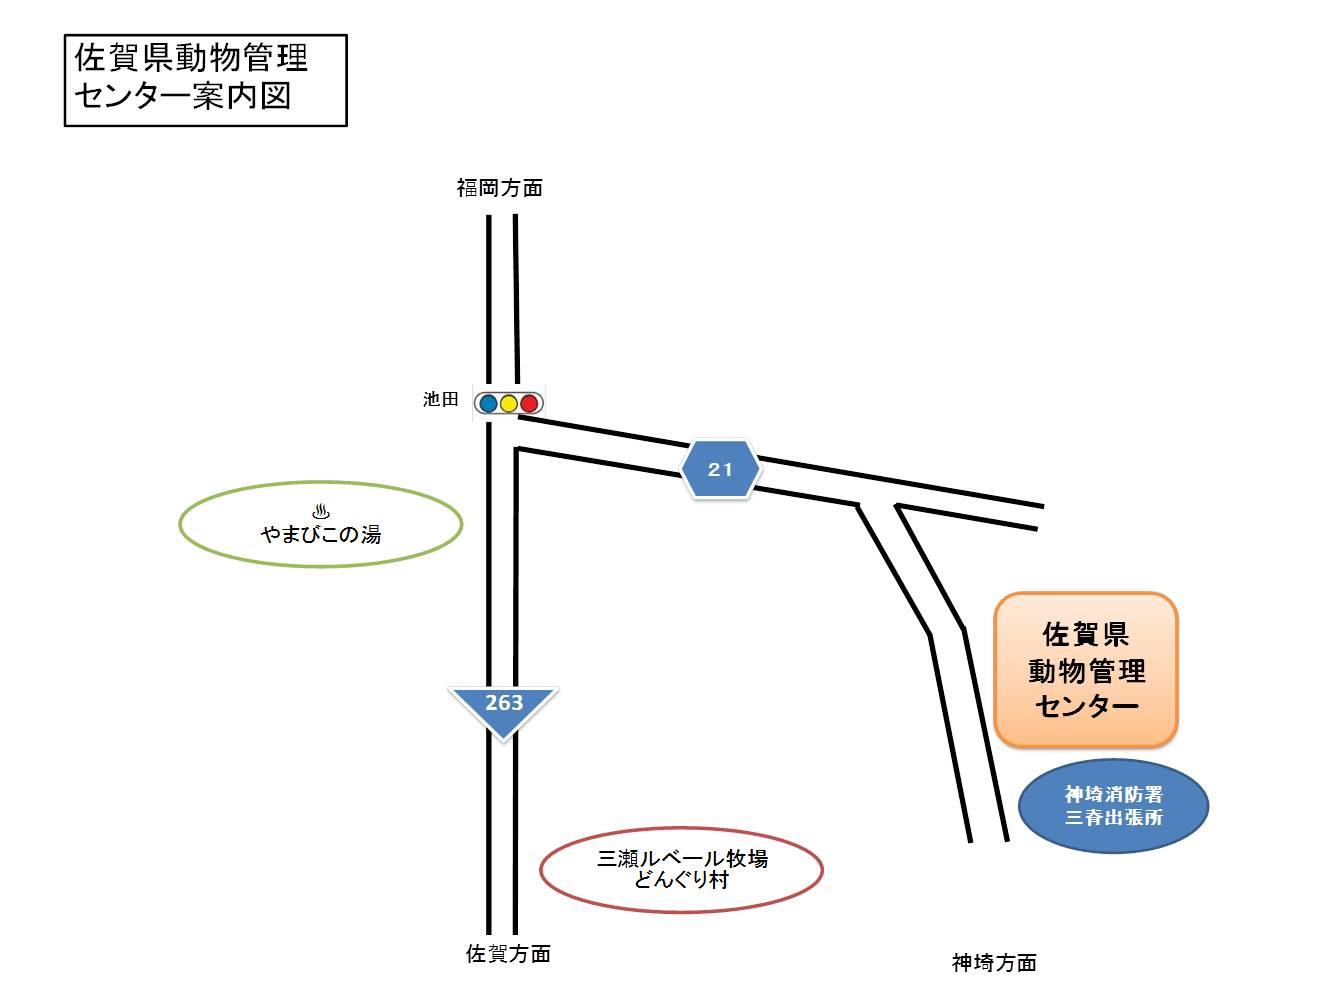 佐賀県動物管理センター案内図